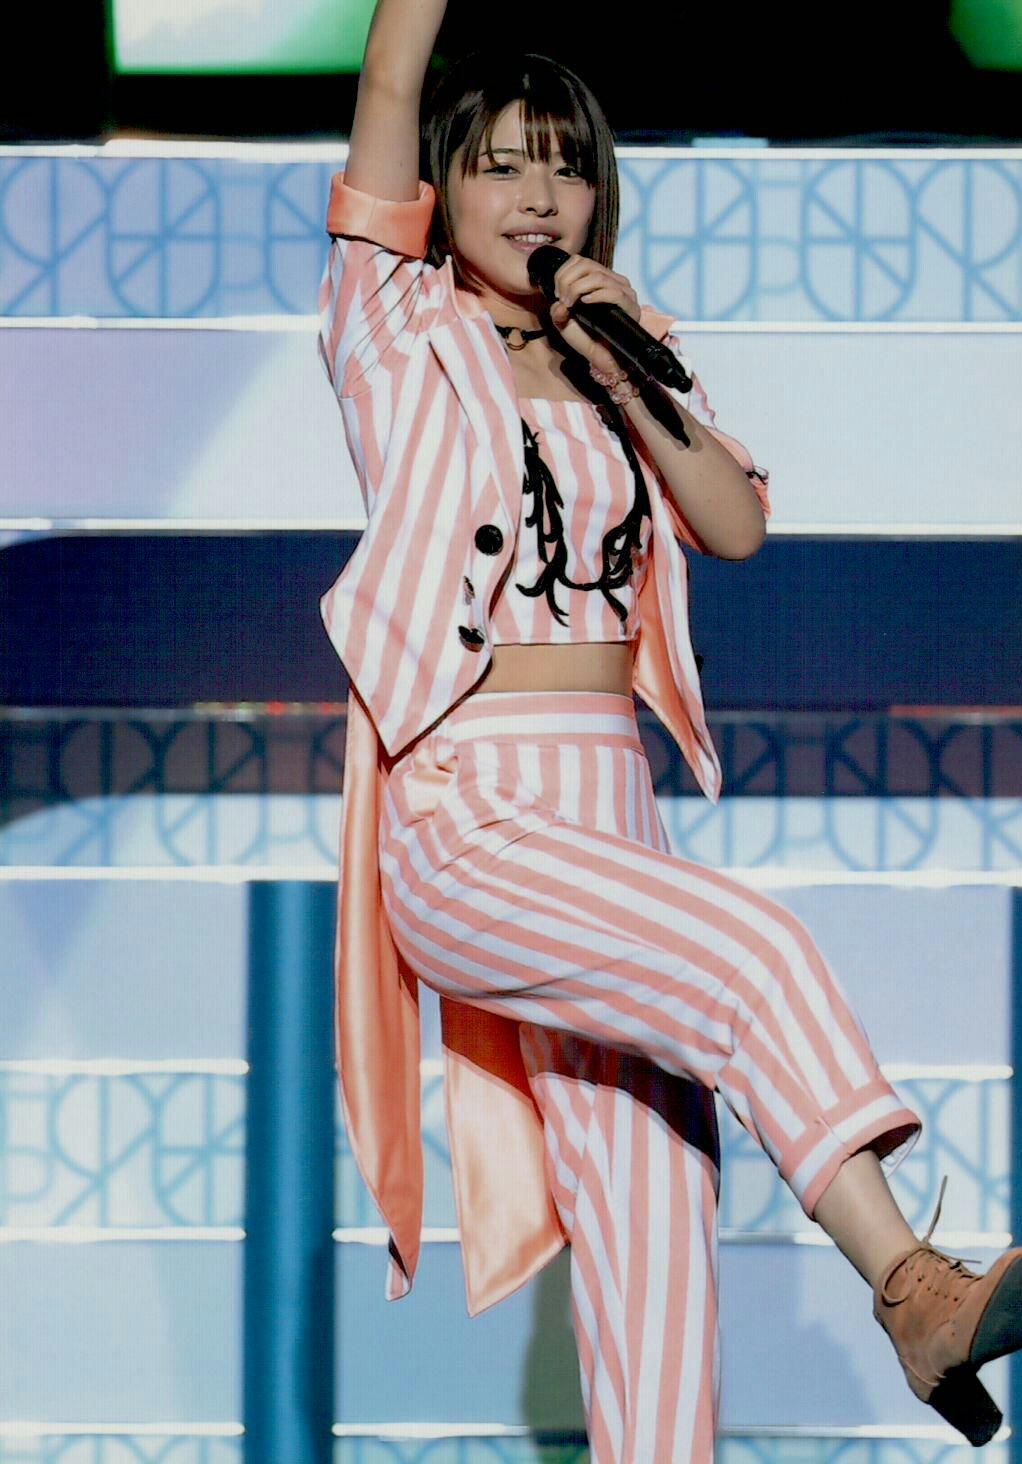 Concert, Juice=Juice, Kanazawa Tomoko (金澤朋子)